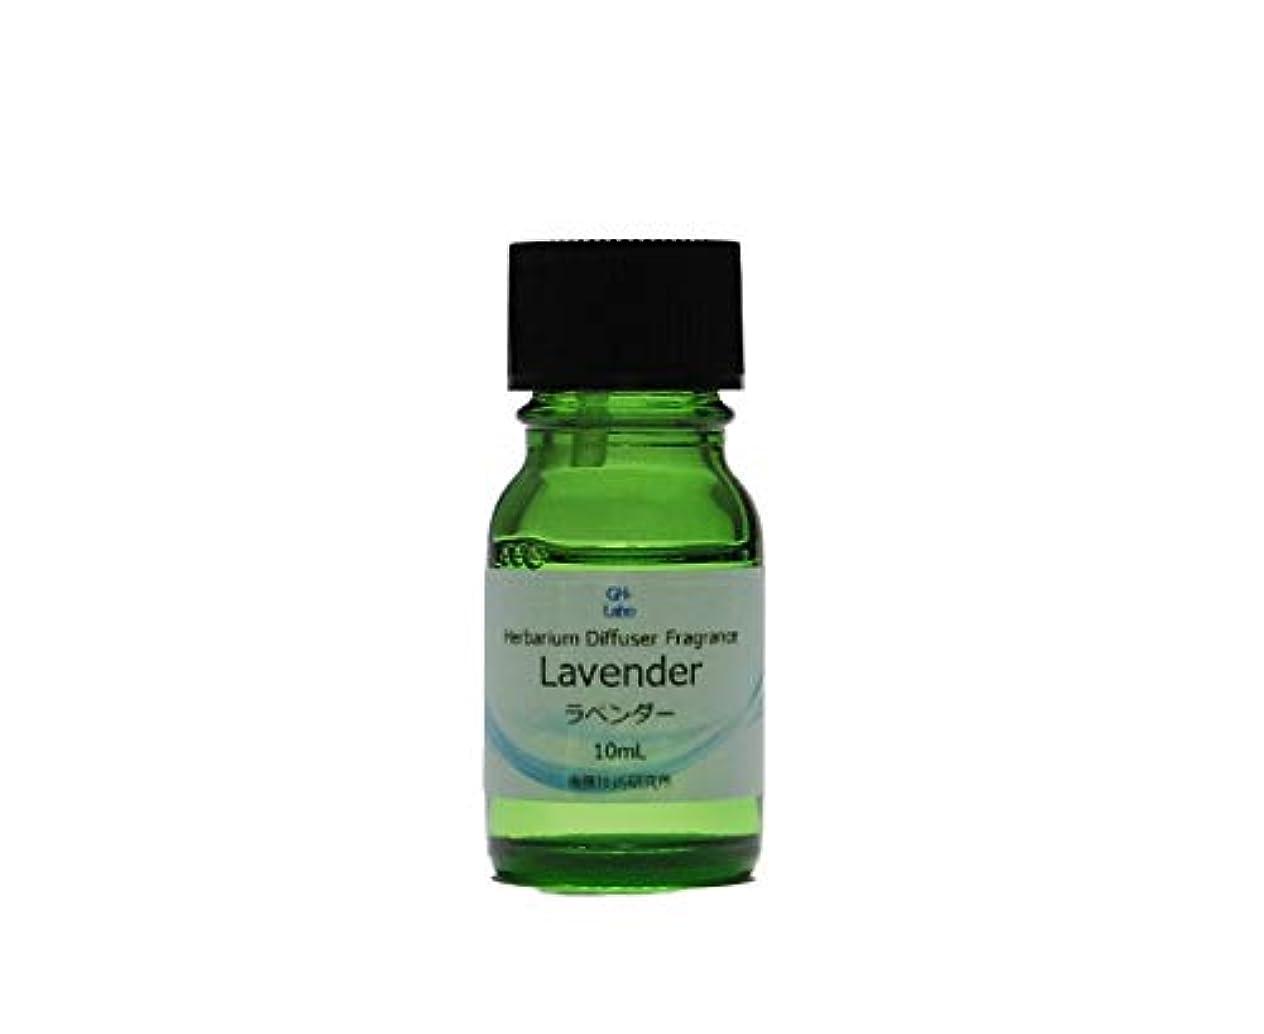 擁するのスコアお世話になったラベンダー フレグランス 香料 ディフューザー ハーバリウム アロマオイル 手作り 化粧品